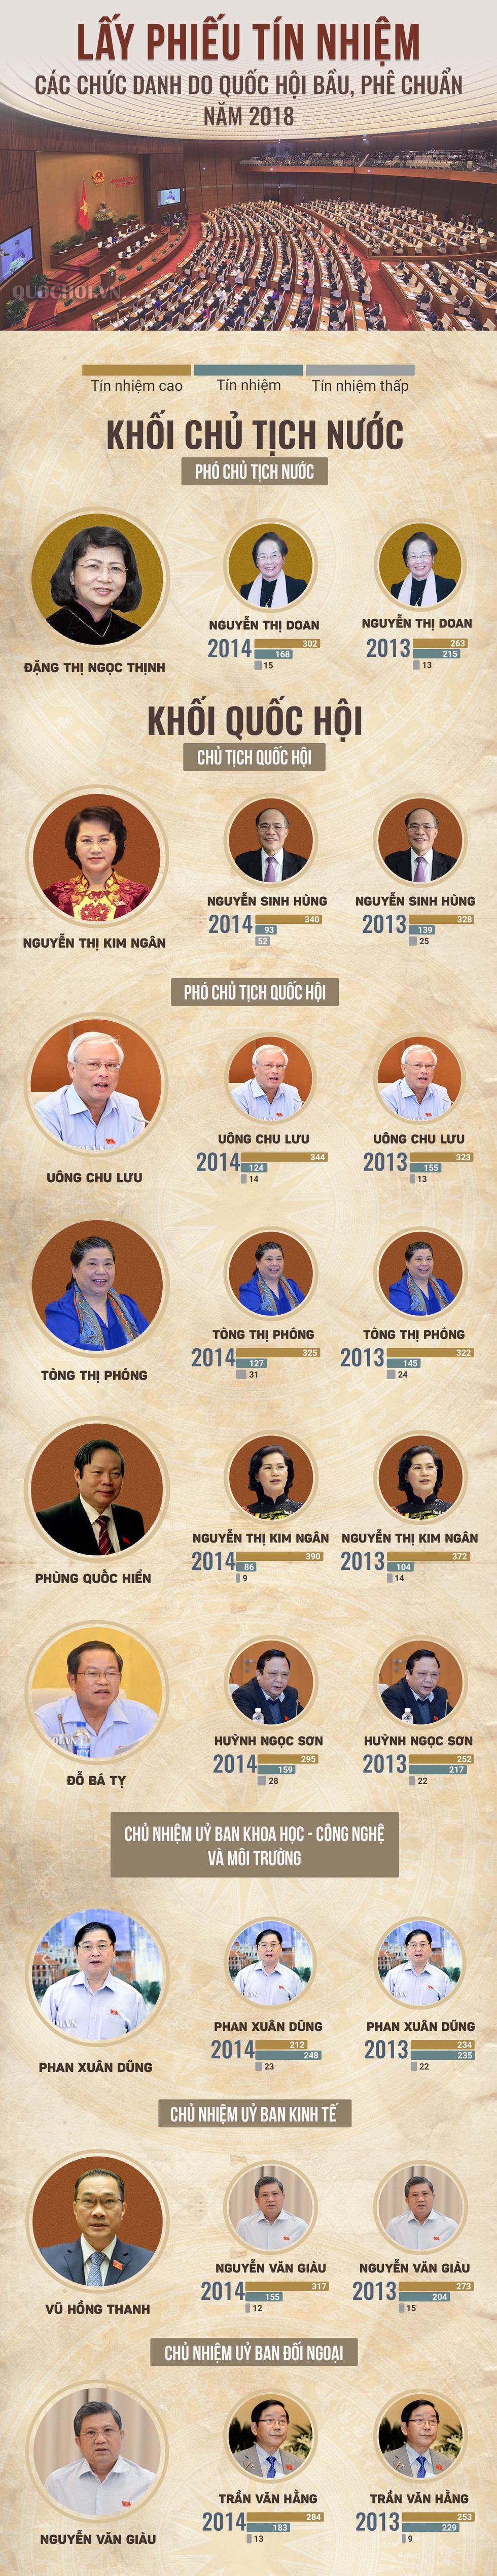 48 chức danh được Quốc hội lấy phiếu tín nhiệm - Ảnh 1.